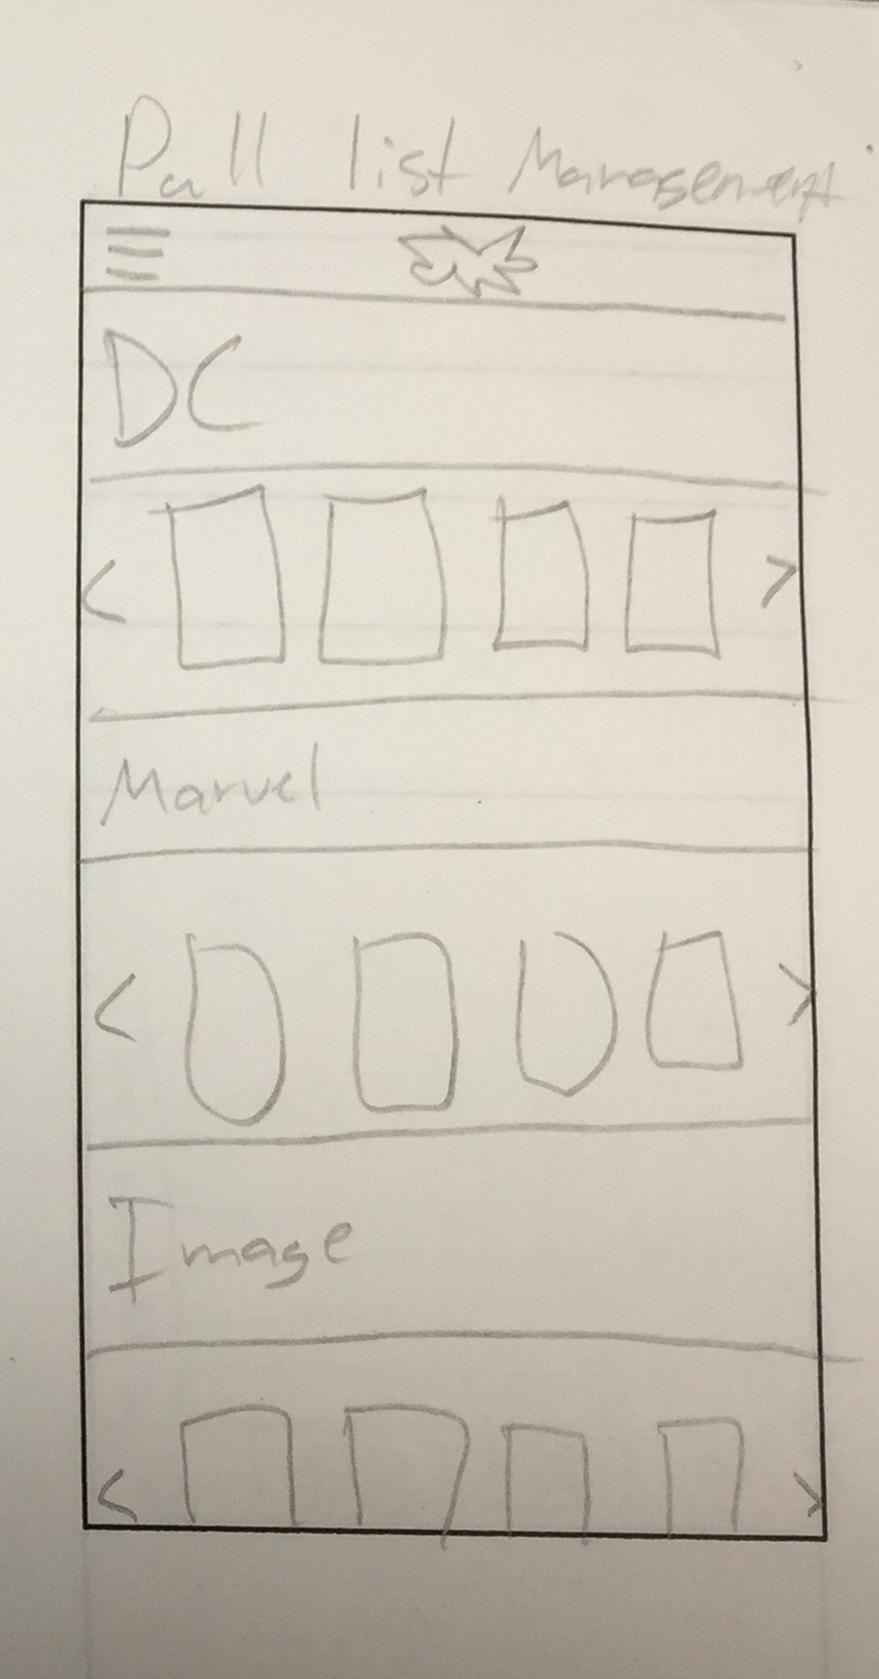 longbox-app-sketch-10.jpg